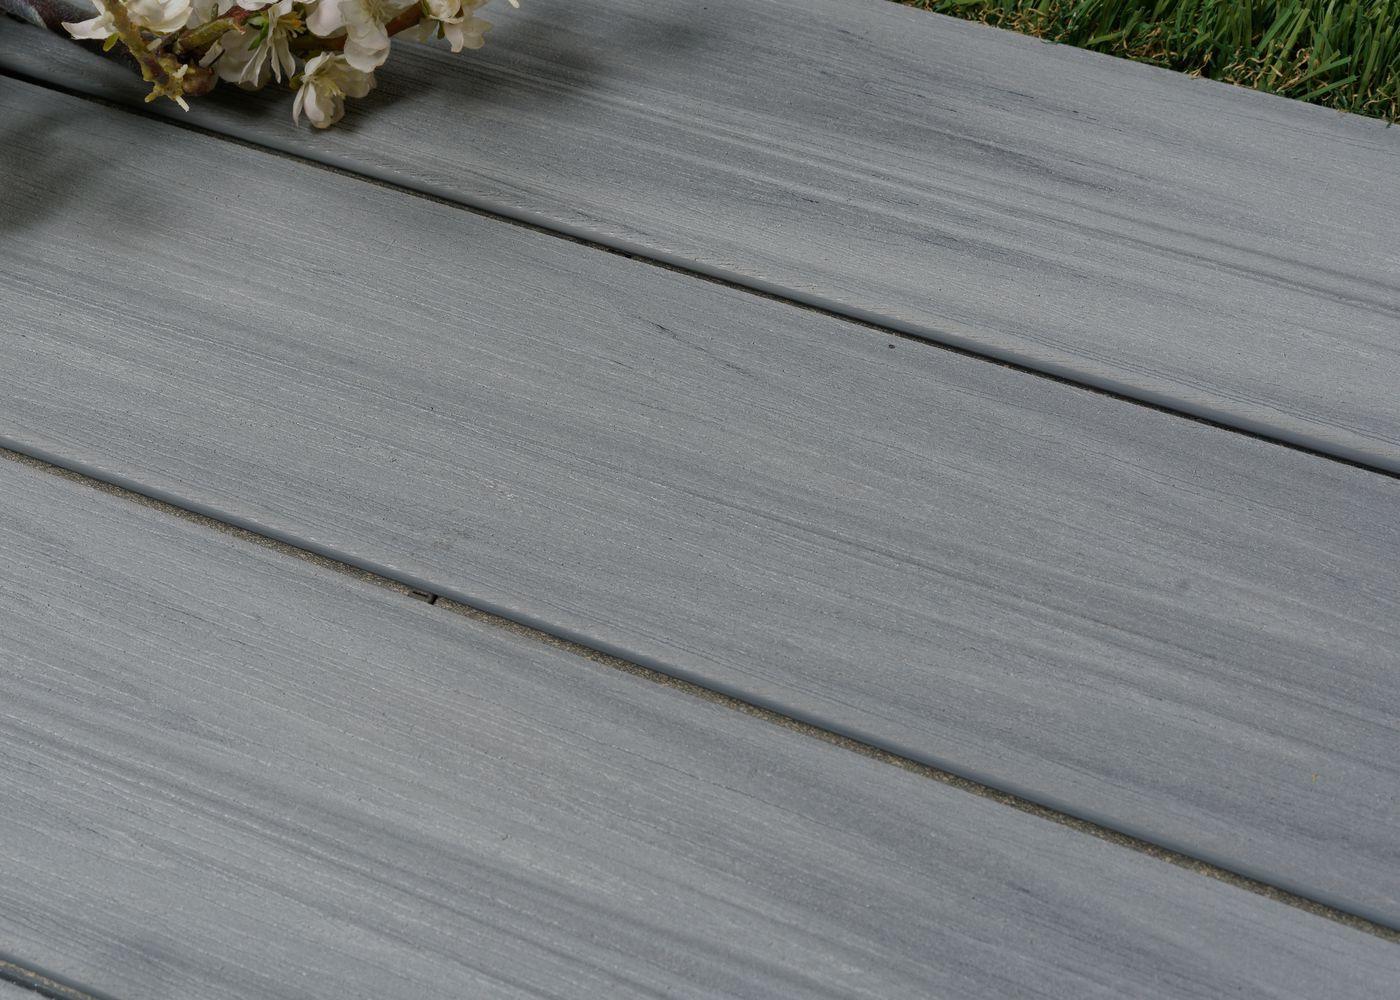 Lame de terrasse bois composite co-extrudé brossé PEFC Gris Ushuaia 23x138x4000